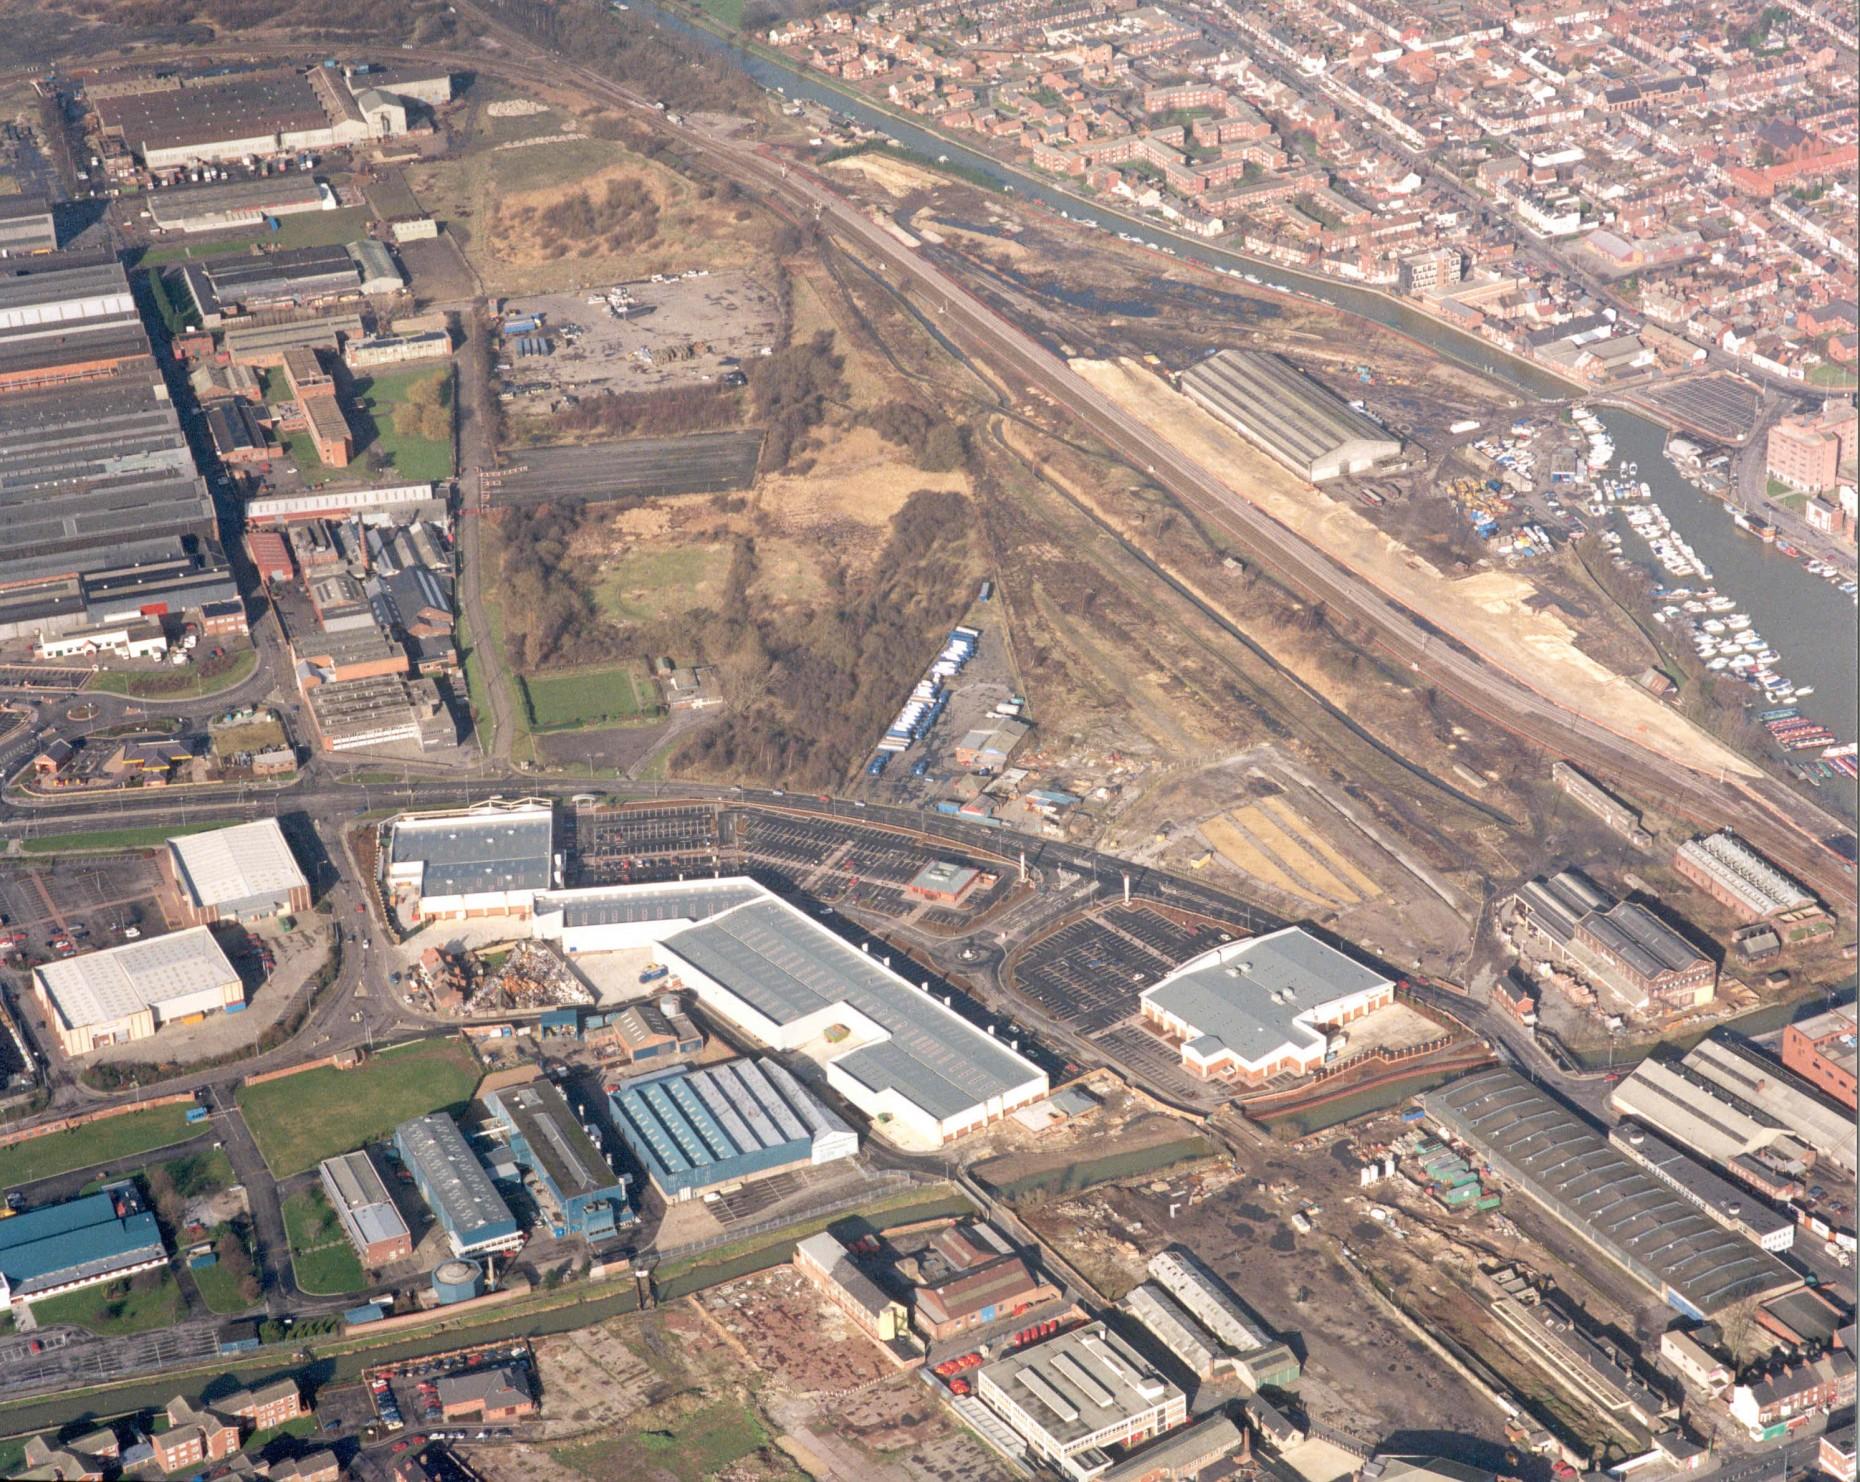 The Brayford campus in 1995